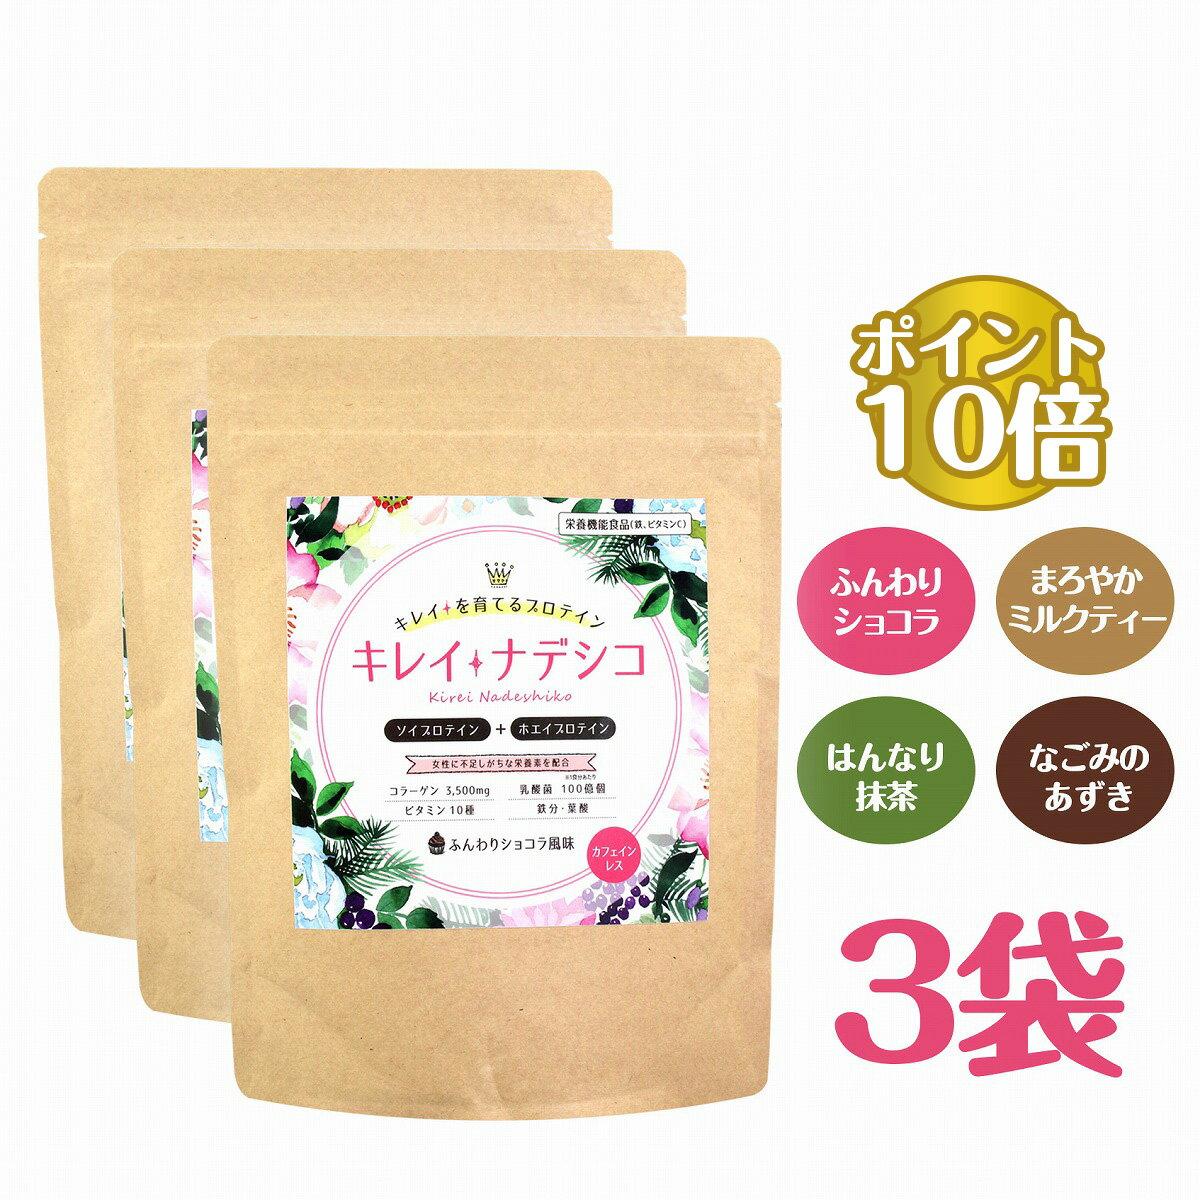 【送料無料】女性のためのプロテイン キレイナデシコ 3袋セット 4種の風味 美容 たんぱく質 ダイエット サプリメント ホエイプロテイン ソイプロテイン ショコラ ミルクティー 抹茶 小豆 チョコ おからパウダー